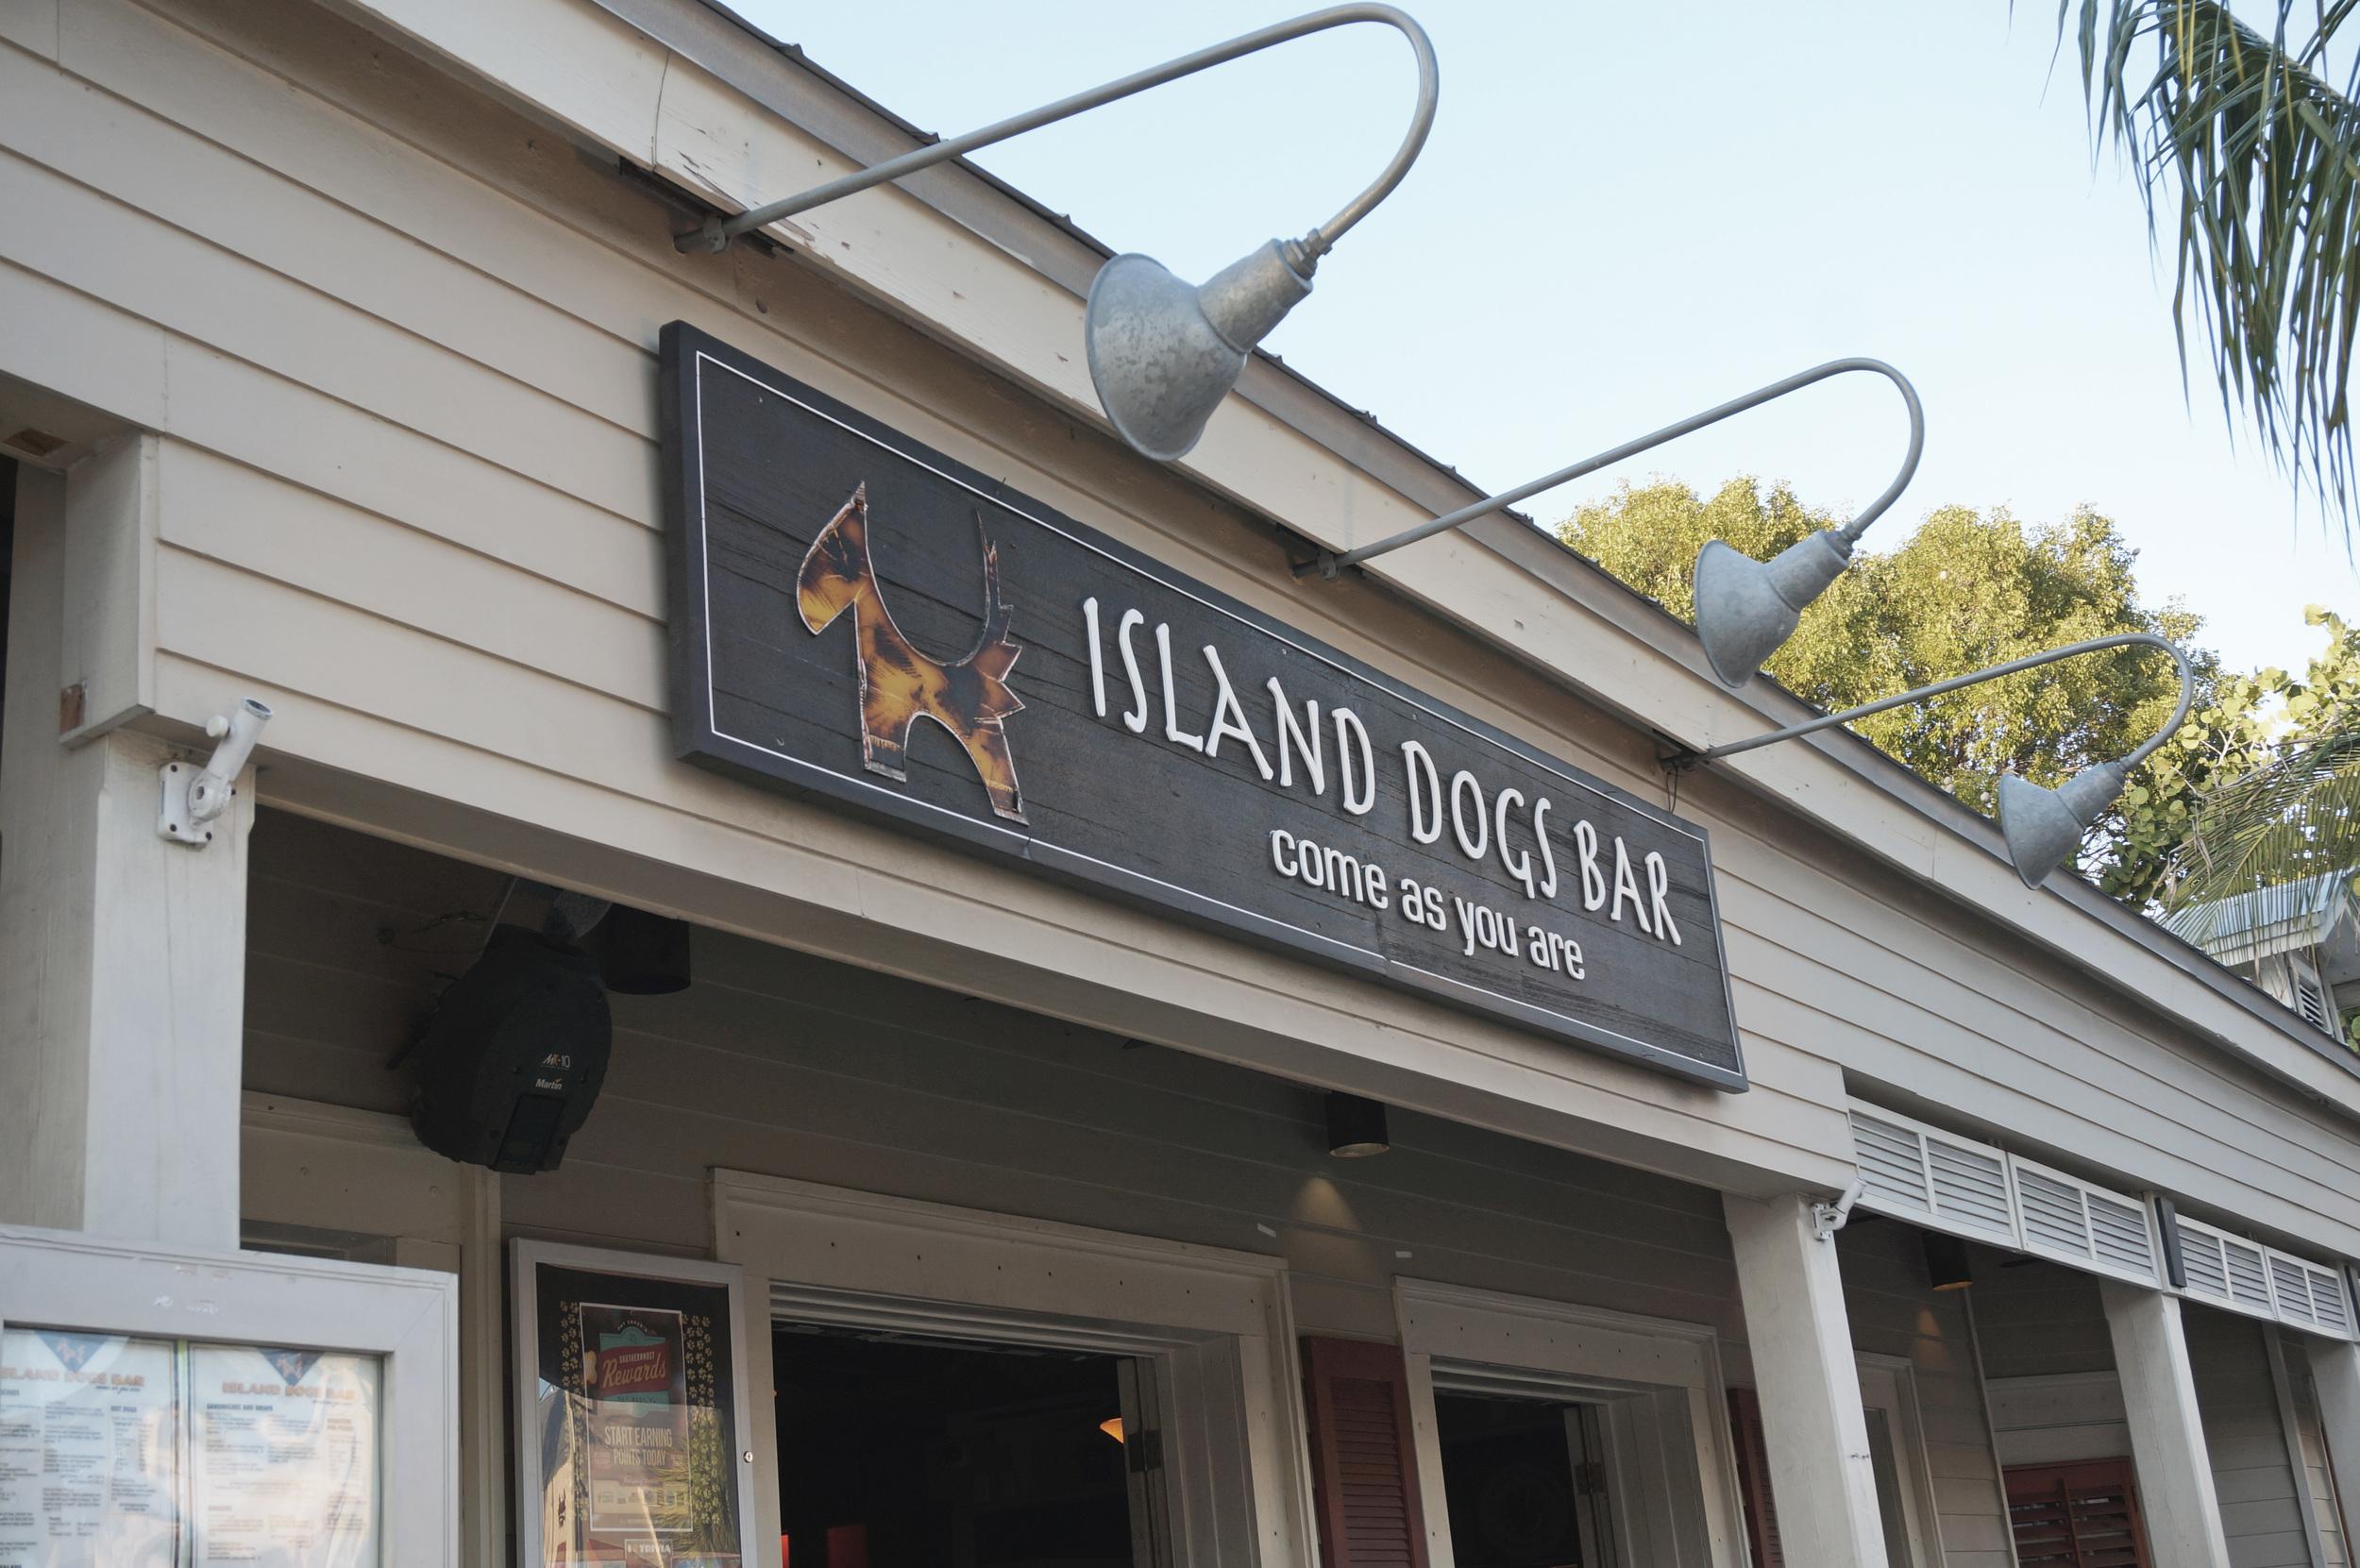 Island Dog Bar